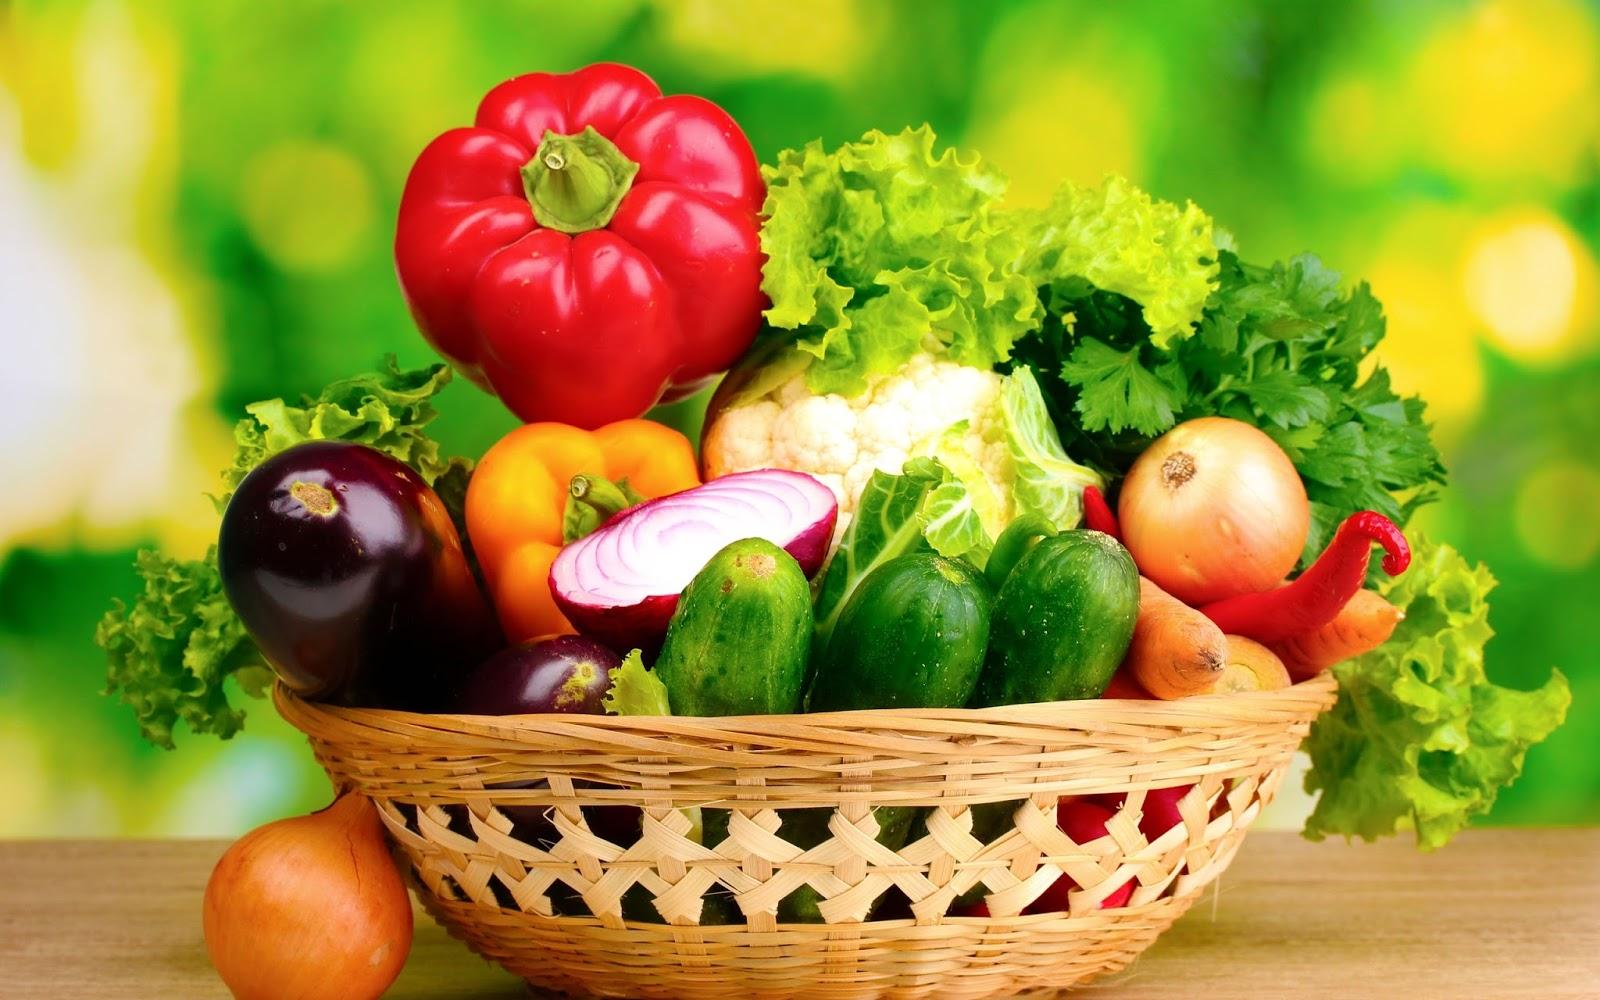 Hướng dẫn kinh doanh thực phẩm sạch hiệu quả